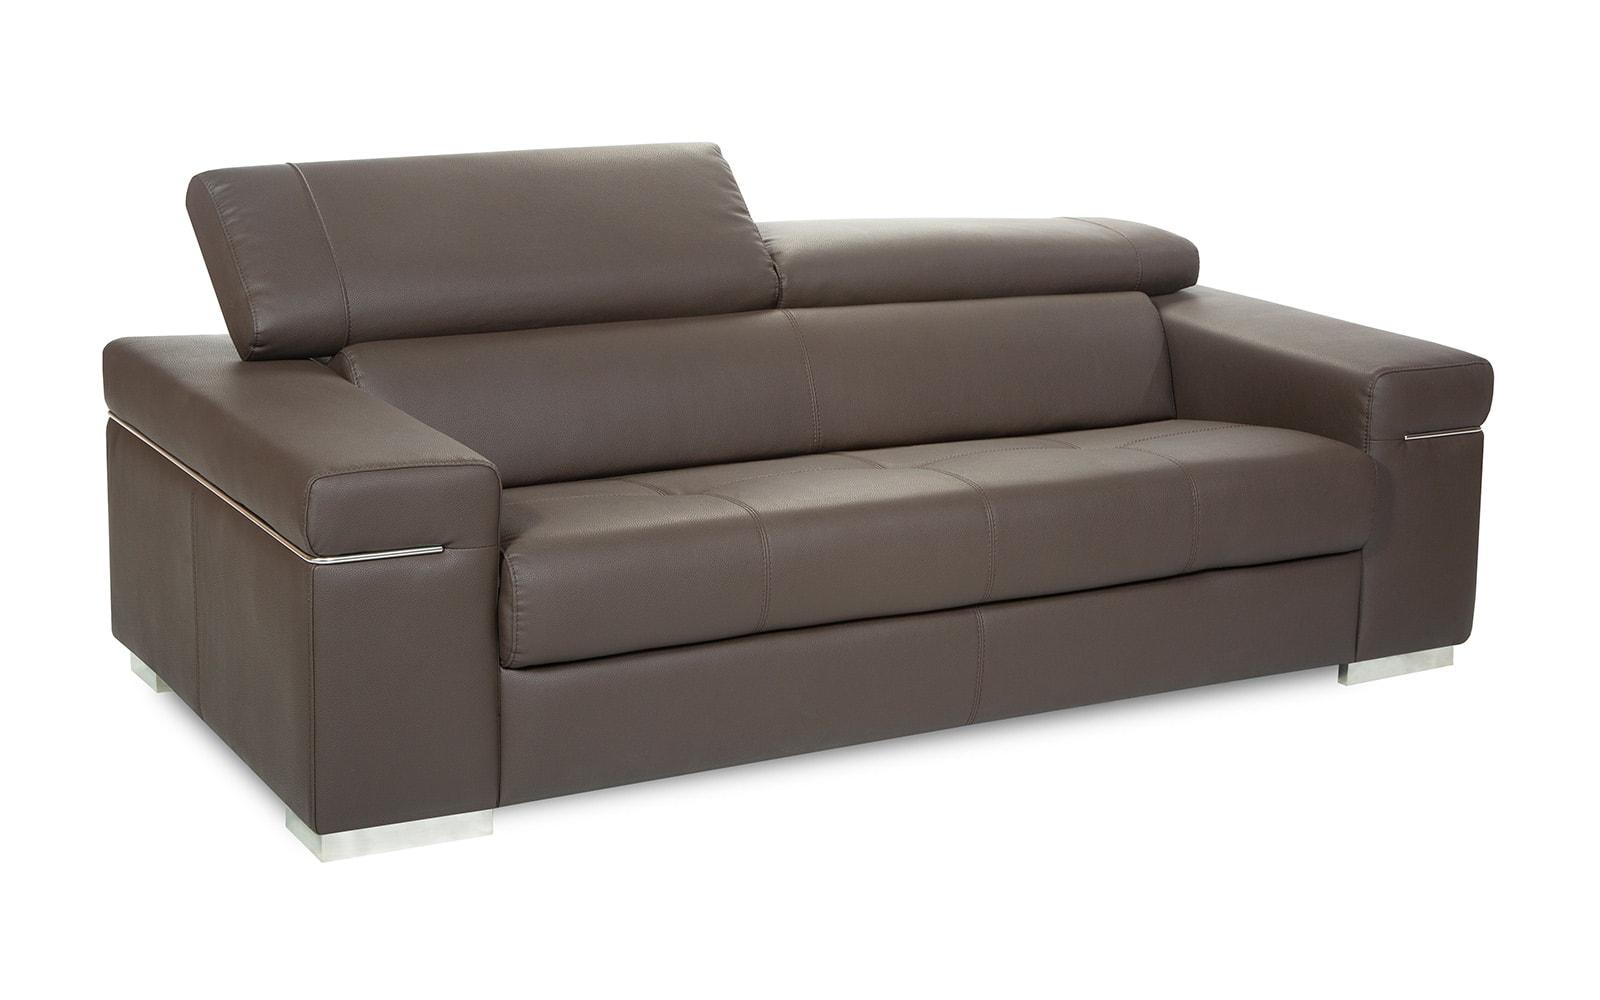 sofá chocolate